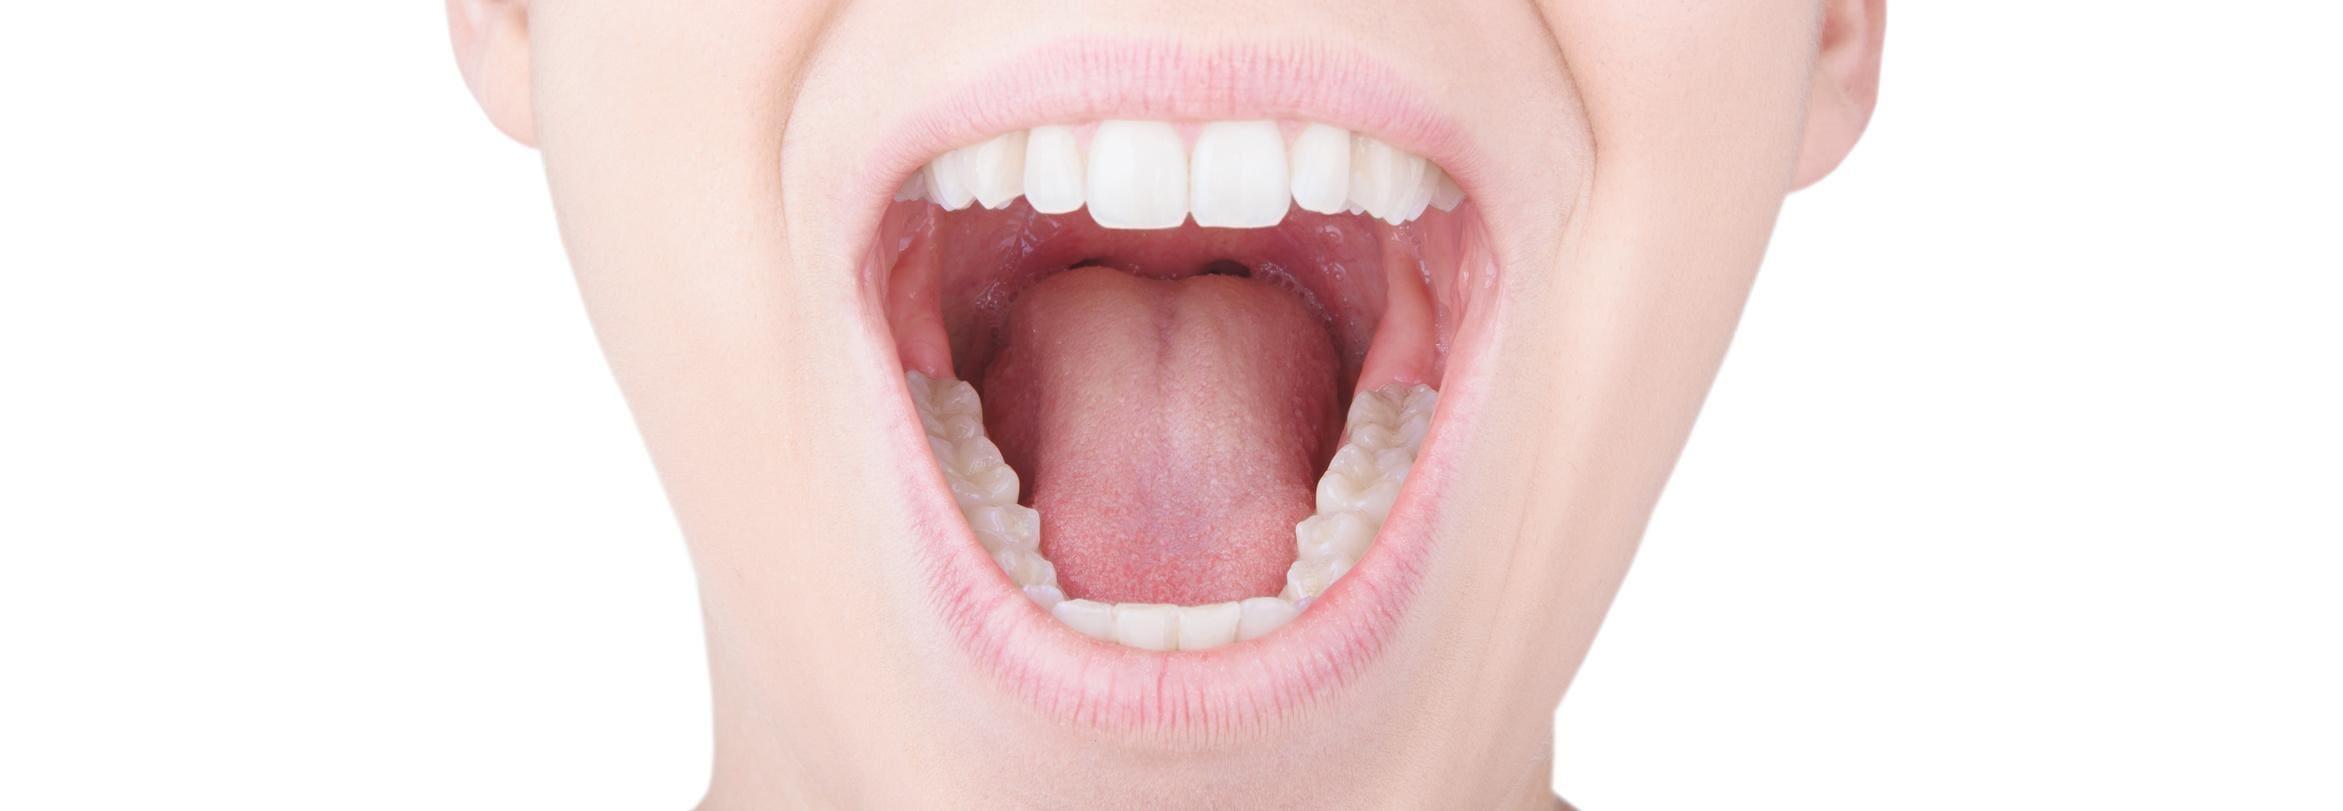 zęby zatrzymane